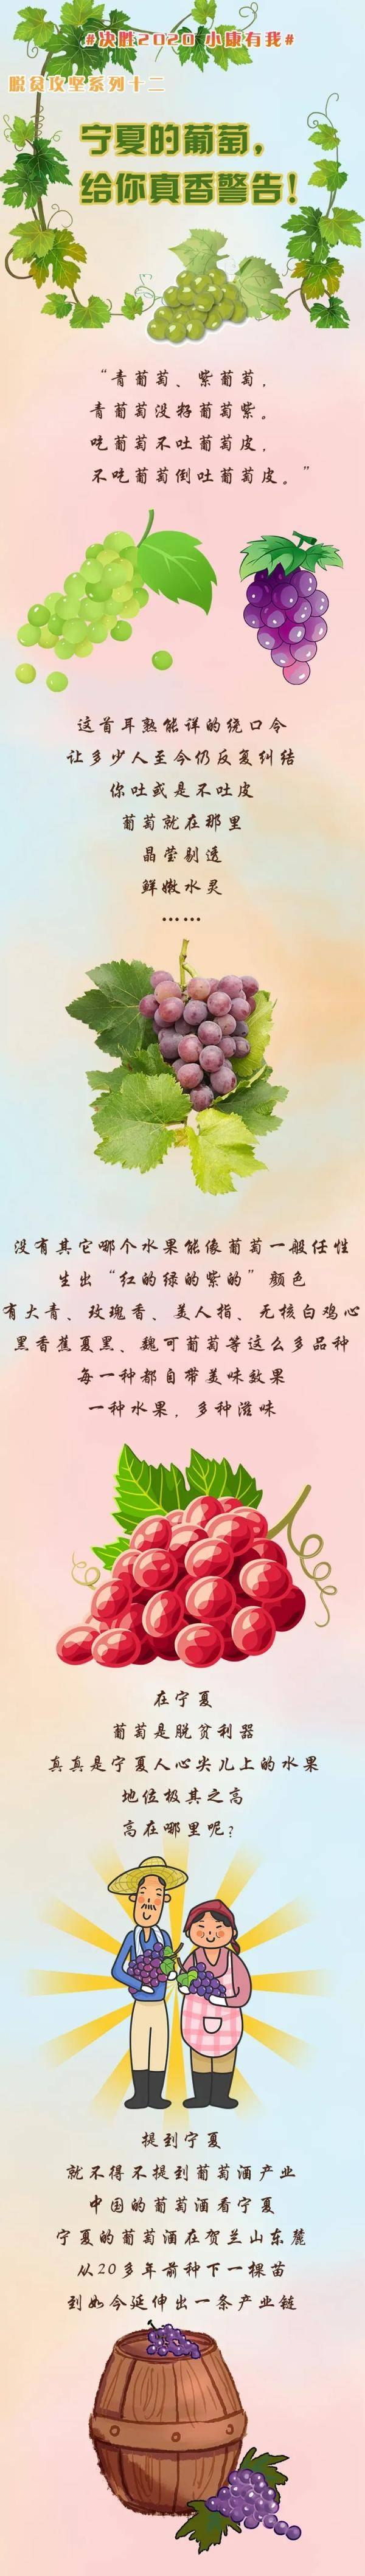 宁夏人吃葡萄不吐葡萄皮?